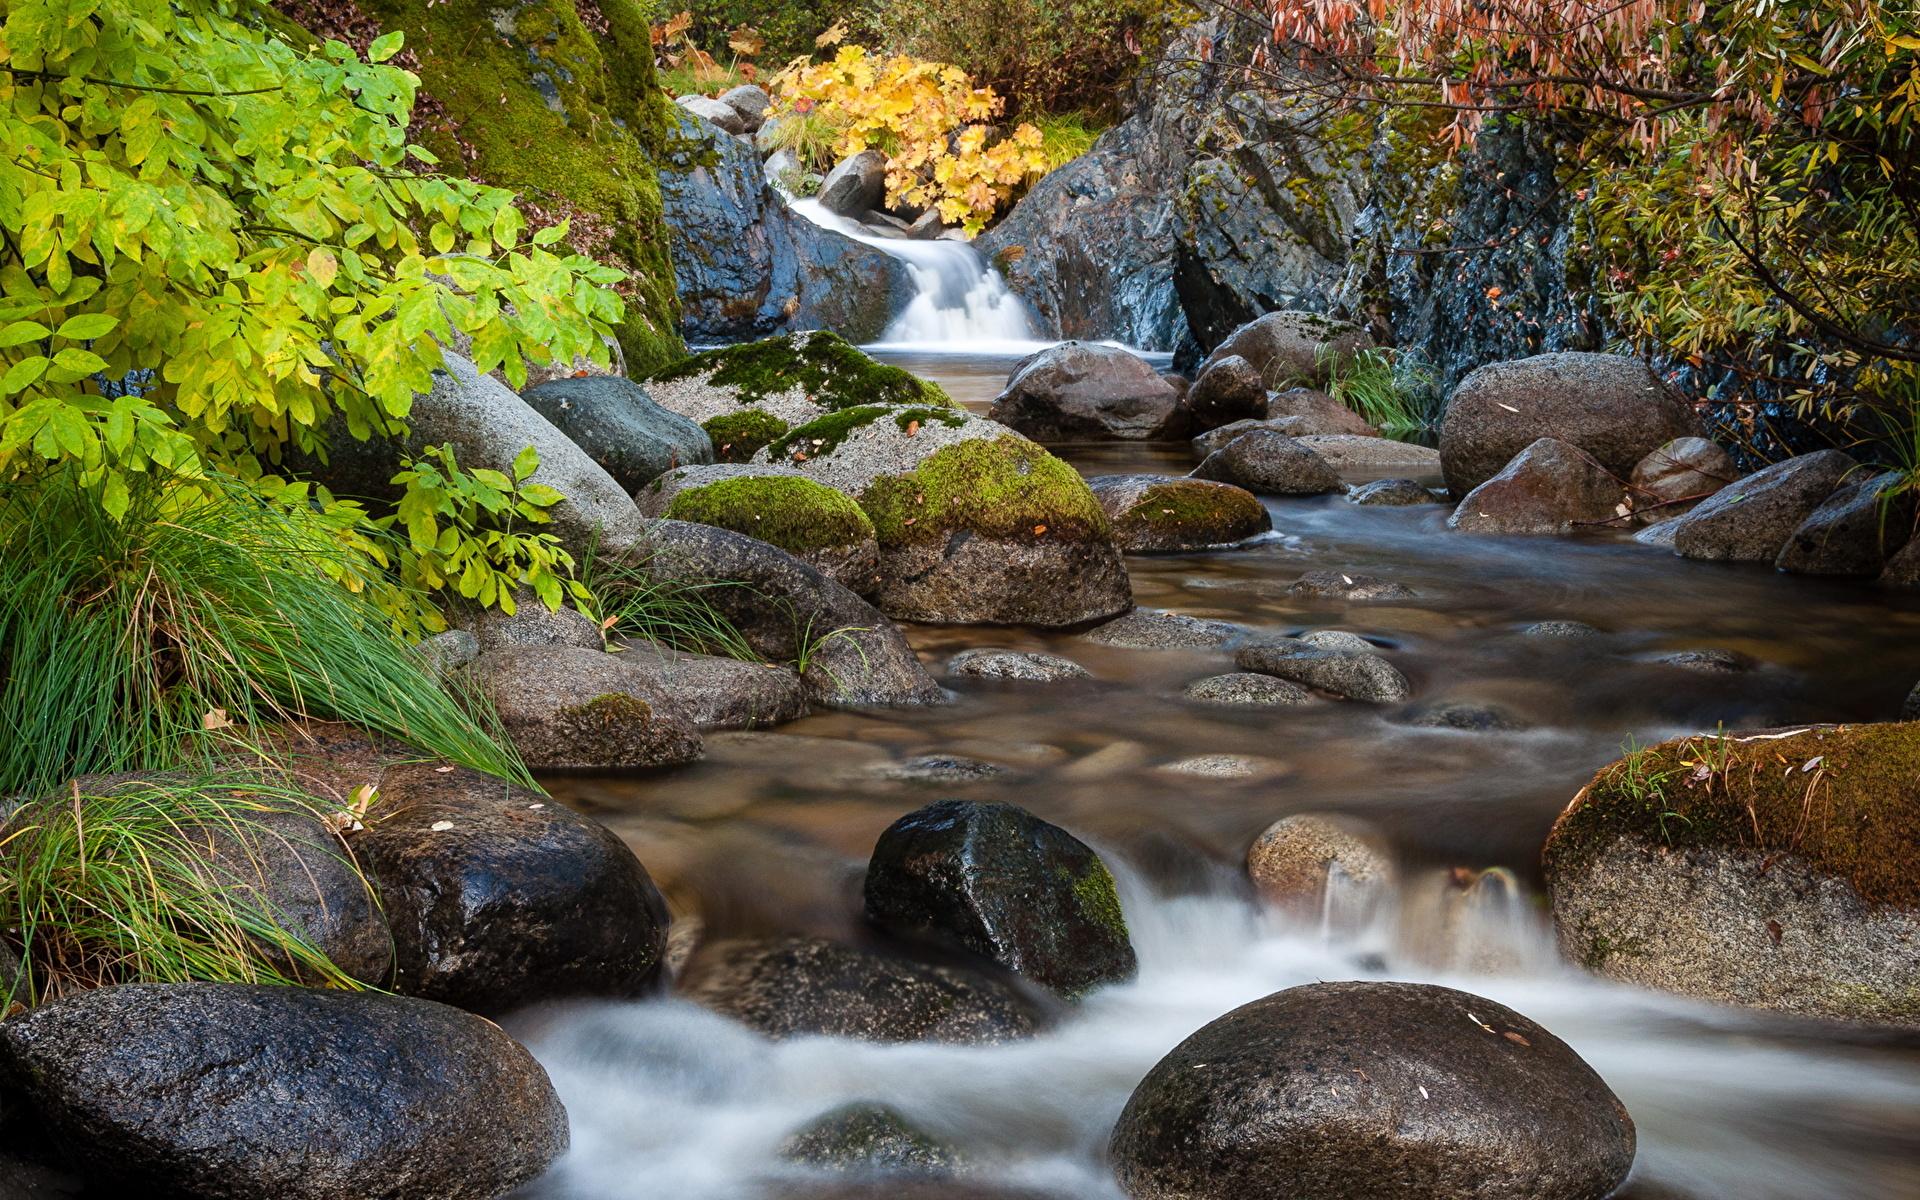 водопад река камни без смс